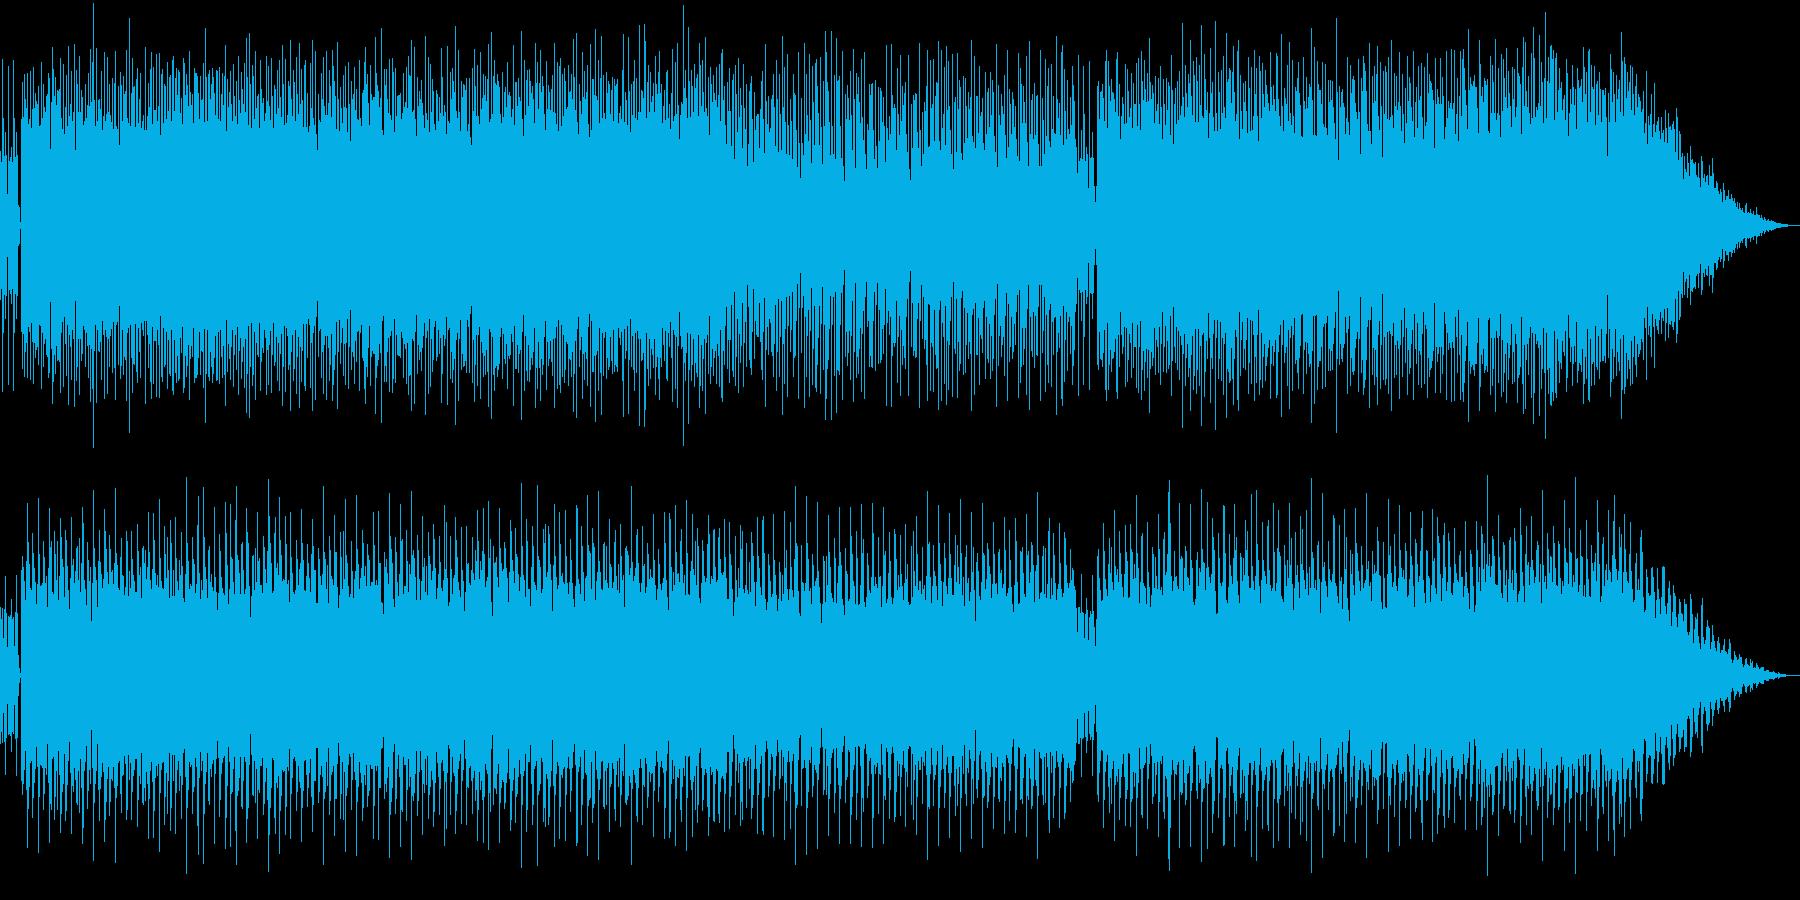 爽やかなイメージを与えるミドルチューンの再生済みの波形